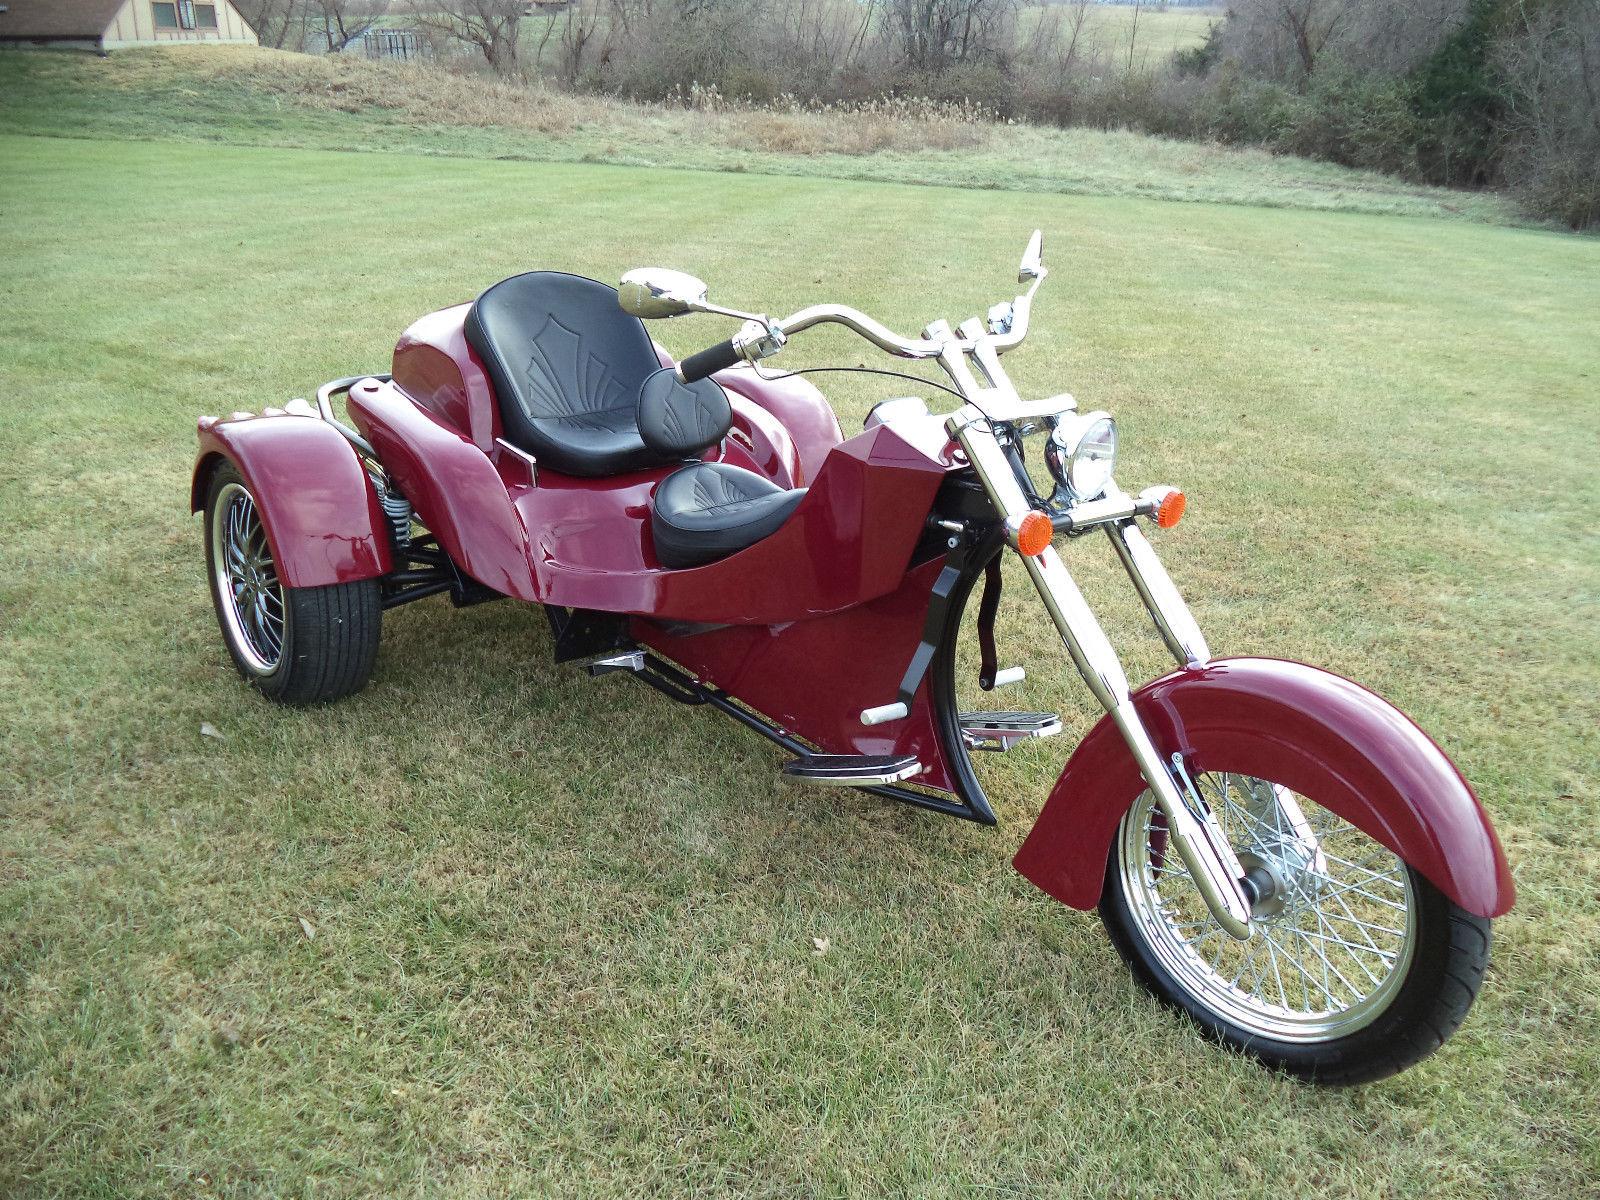 2012 California Custom Trike Vw Trike Motorcycle Trike